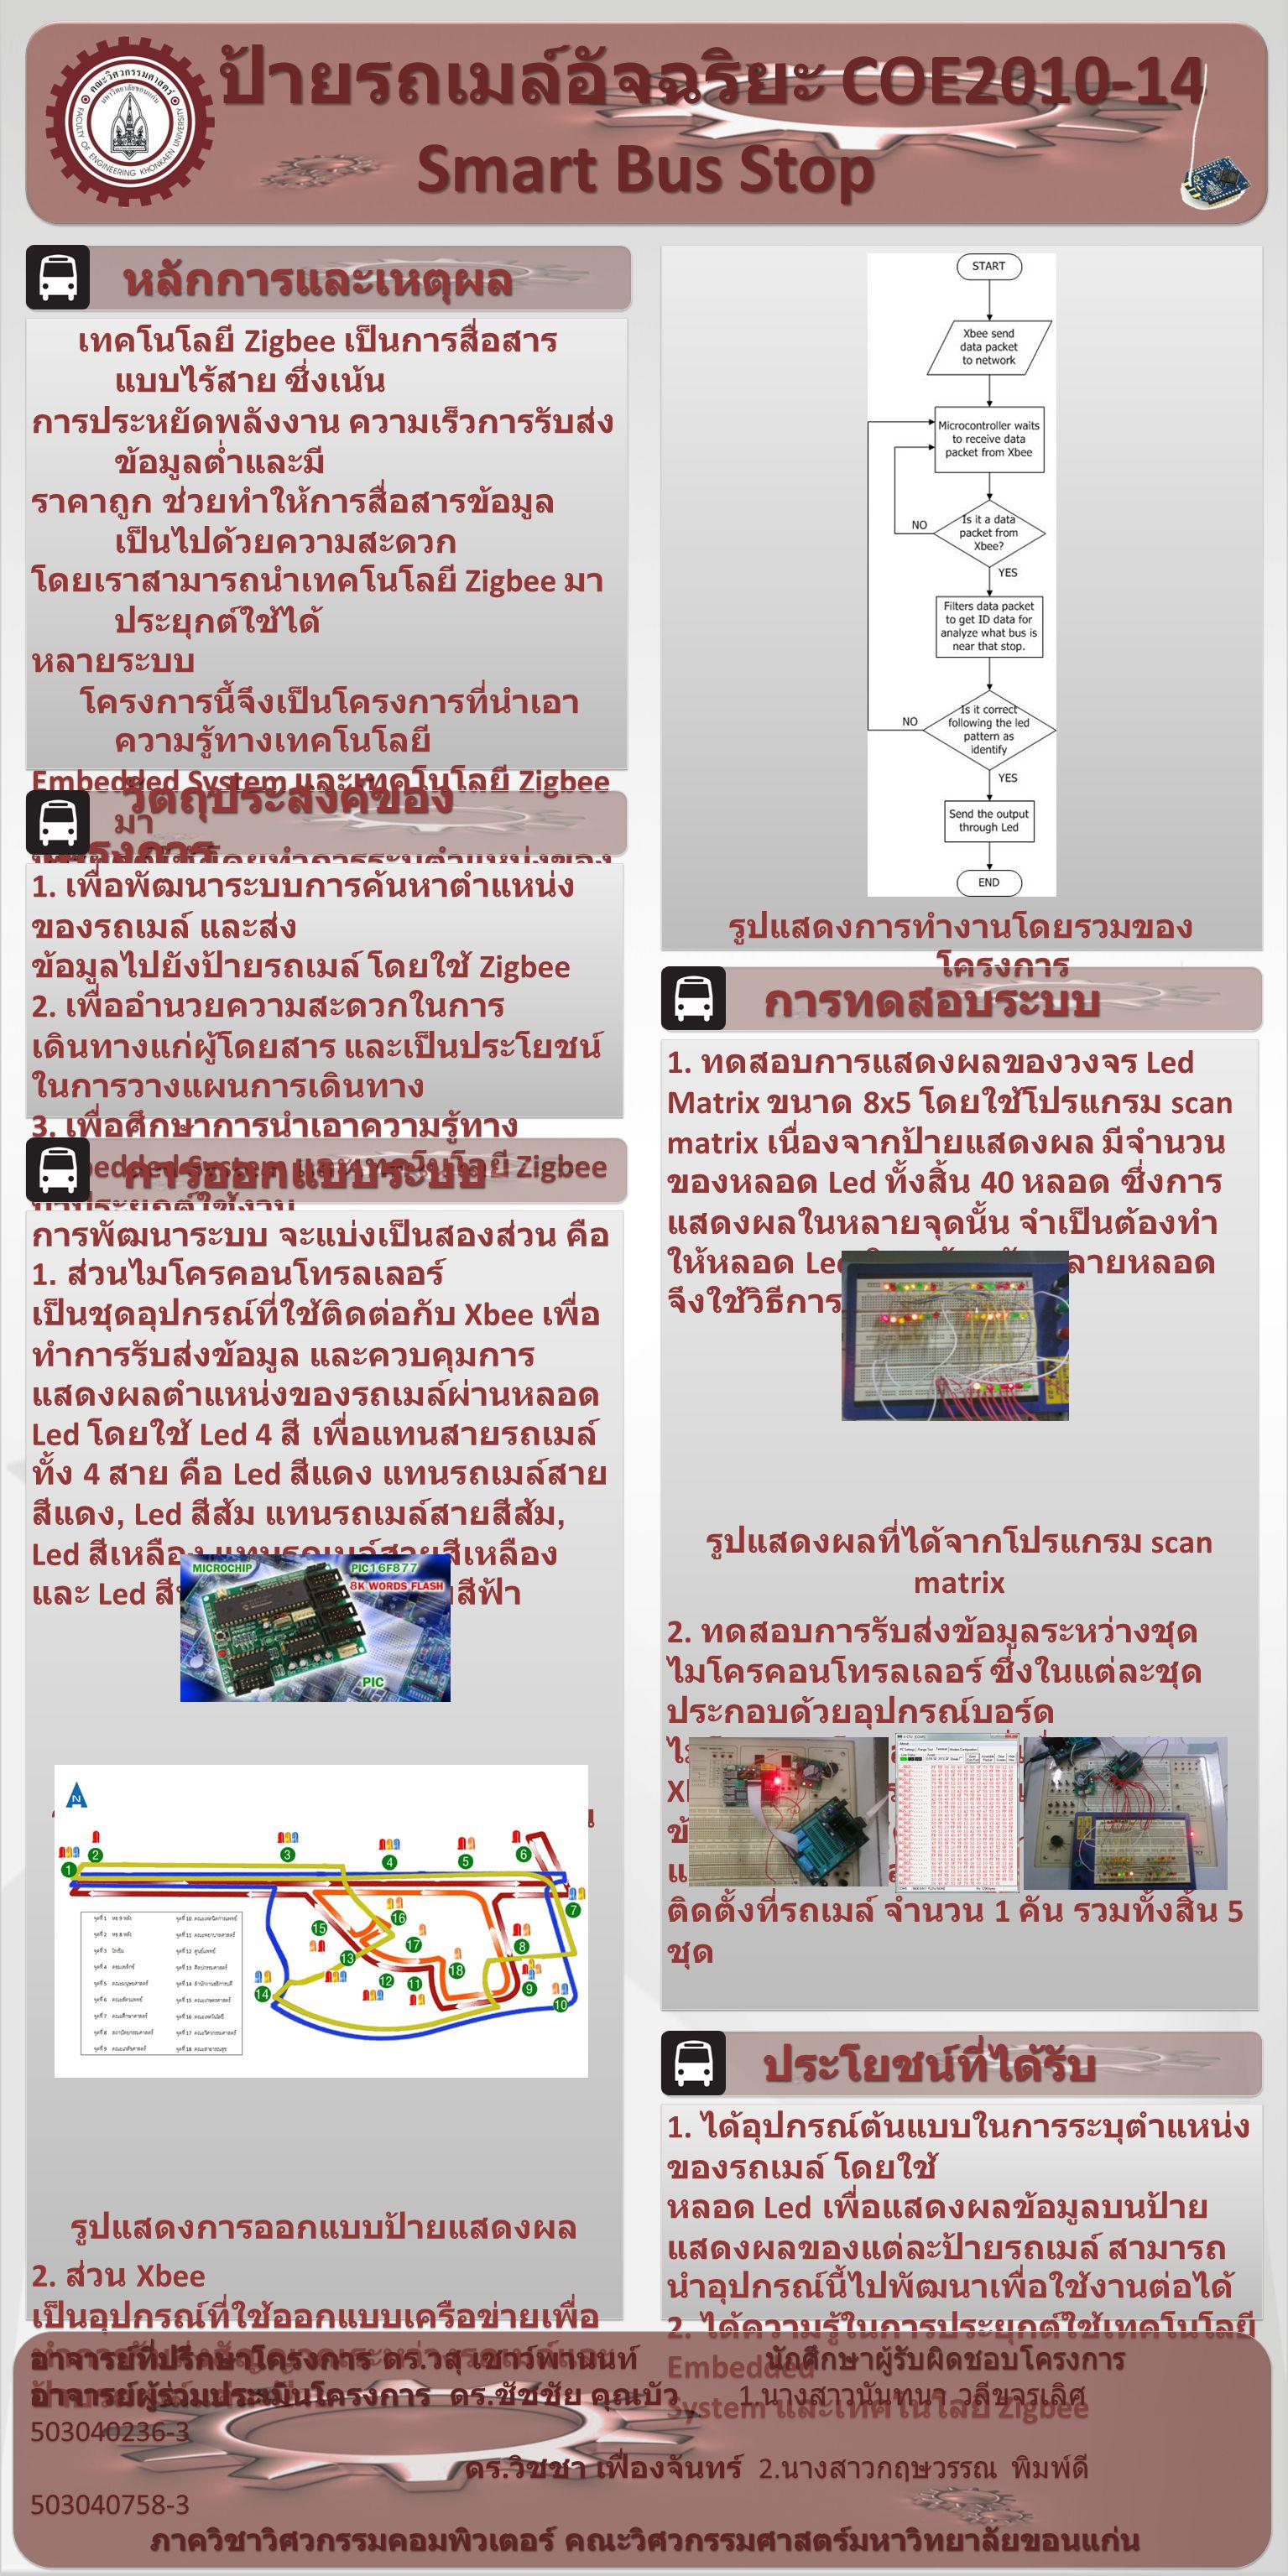 ป้ายรถเมล์อัจฉริยะ COE2010-14 Smart Bus Stop ป้ายรถเมล์อัจฉริยะ COE2010-14 Smart Bus Stop หลักการและเหตุผล หลักการและเหตุผล เทคโนโลยี Zigbee เป็นการสื่อสาร แบบไร้สาย ซึ่งเน้น การประหยัดพลังงาน ความเร็วการรับส่ง ข้อมูลต่ำและมี ราคาถูก ช่วยทำให้การสื่อสารข้อมูล เป็นไปด้วยความสะดวก โดยเราสามารถนำเทคโนโลยี Zigbee มา ประยุกต์ใช้ได้ หลายระบบ โครงการนี้จึงเป็นโครงการที่นำเอา ความรู้ทางเทคโนโลยี Embedded System และเทคโนโลยี Zigbee มา ประยุกต์ใช้ โดยทำการระบุตำแหน่งของ รถเมล์ และส่งข้อมูล ตำแหน่งของรถเมล์ผ่านทาง Xbee ซึ่งจะ ใช้หลอด Led ในการแสดงผลข้อมูลดังกล่าวในแต่ละ ป้ายรถเมล์ เพื่อ อำนวยความสะดวกในการเดินทาง เทคโนโลยี Zigbee เป็นการสื่อสาร แบบไร้สาย ซึ่งเน้น การประหยัดพลังงาน ความเร็วการรับส่ง ข้อมูลต่ำและมี ราคาถูก ช่วยทำให้การสื่อสารข้อมูล เป็นไปด้วยความสะดวก โดยเราสามารถนำเทคโนโลยี Zigbee มา ประยุกต์ใช้ได้ หลายระบบ โครงการนี้จึงเป็นโครงการที่นำเอา ความรู้ทางเทคโนโลยี Embedded System และเทคโนโลยี Zigbee มา ประยุกต์ใช้ โดยทำการระบุตำแหน่งของ รถเมล์ และส่งข้อมูล ตำแหน่งของรถเมล์ผ่านทาง Xbee ซึ่งจะ ใช้หลอด Led ในการแสดงผลข้อมูลดังกล่าวในแต่ละ ป้ายรถเมล์ เพื่อ อำนวยความสะดวกในการเดินทาง วัตถุประสงค์ของ โครงการ วัตถุประสงค์ของ โครงการ 1.